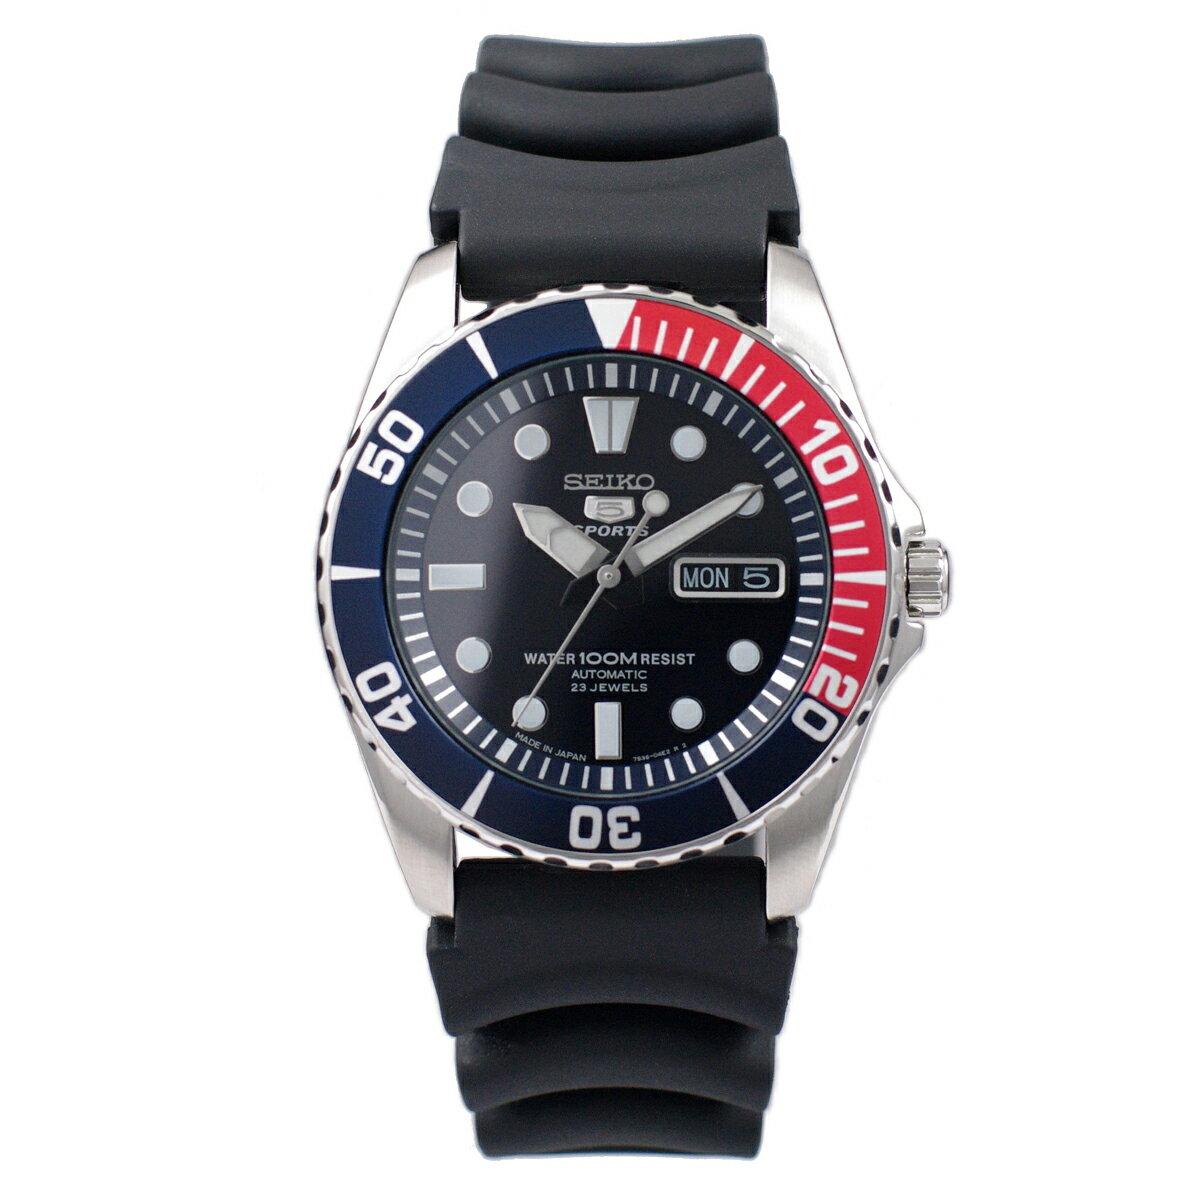 セイコー SEIKO 5 SPORTS 腕時計 海外モデル 自動巻き 日本製 100M防水 SNZF15J2 メンズ [逆輸入品]